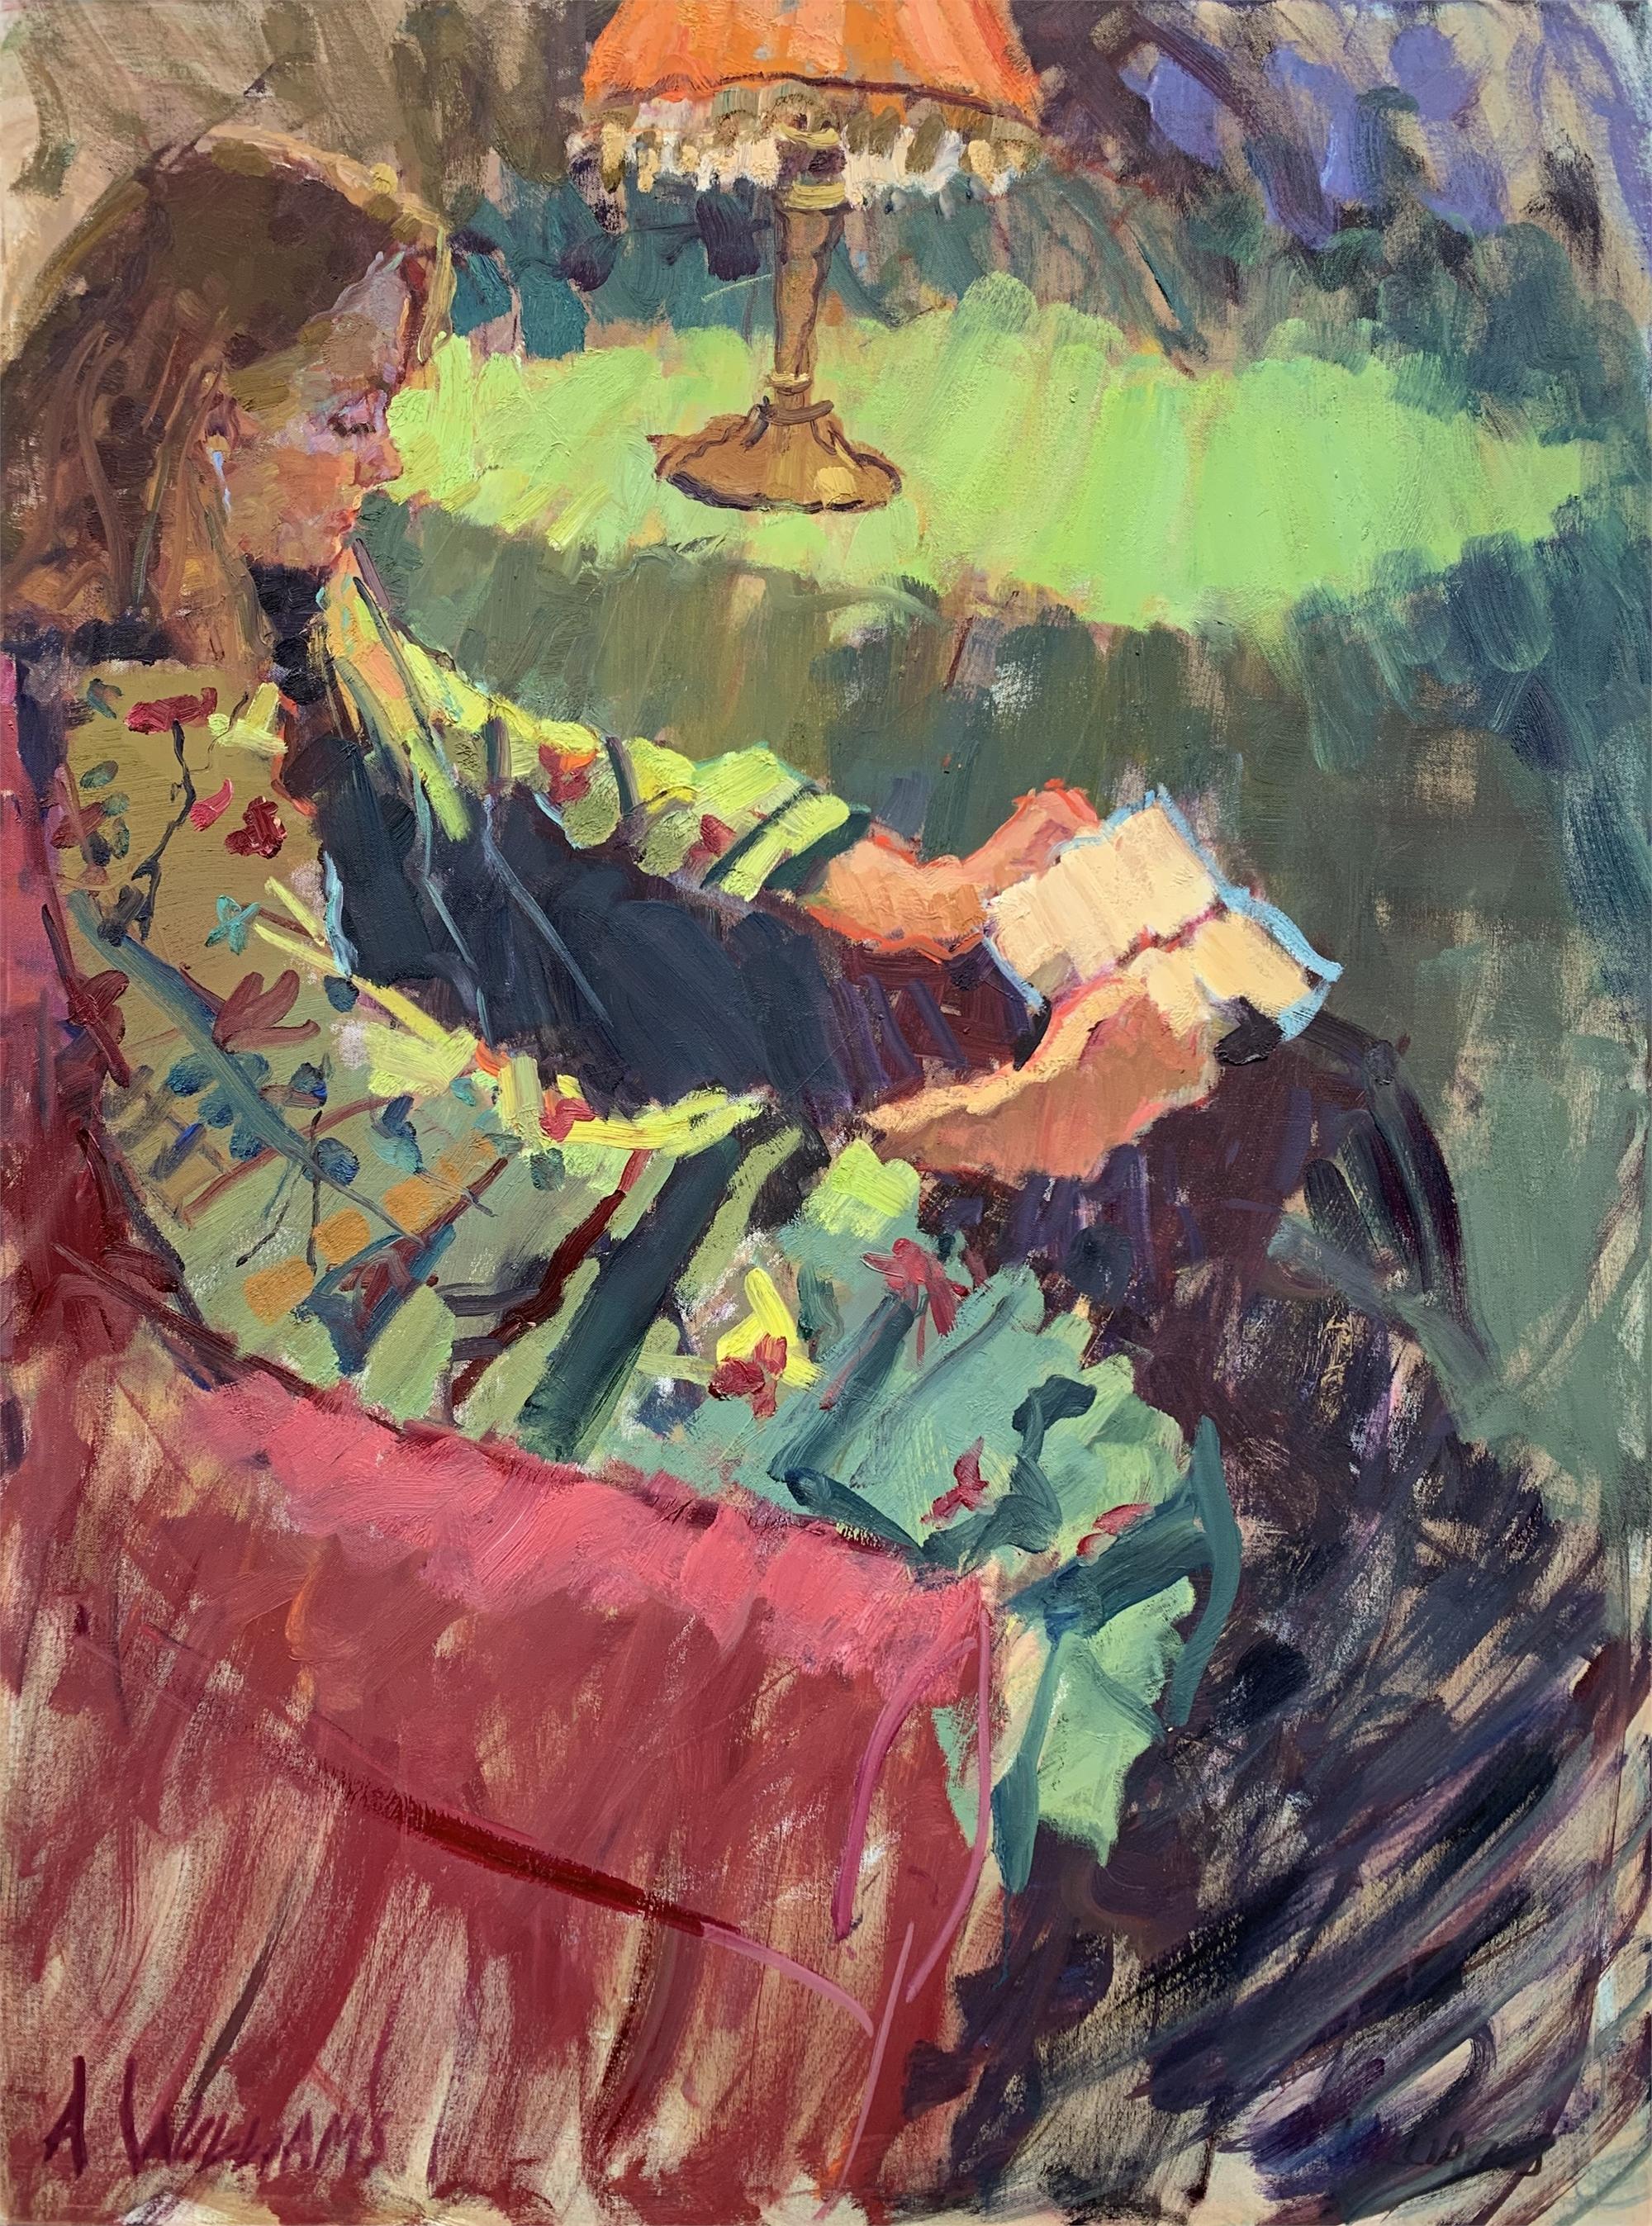 Girl in Kimono by Alice Williams